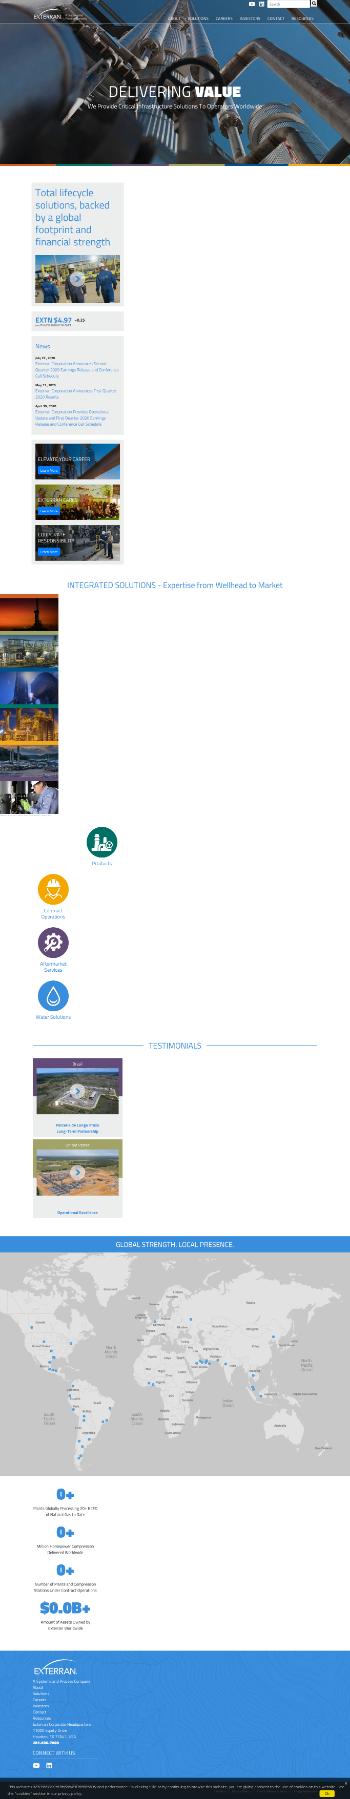 Exterran Corporation Website Screenshot